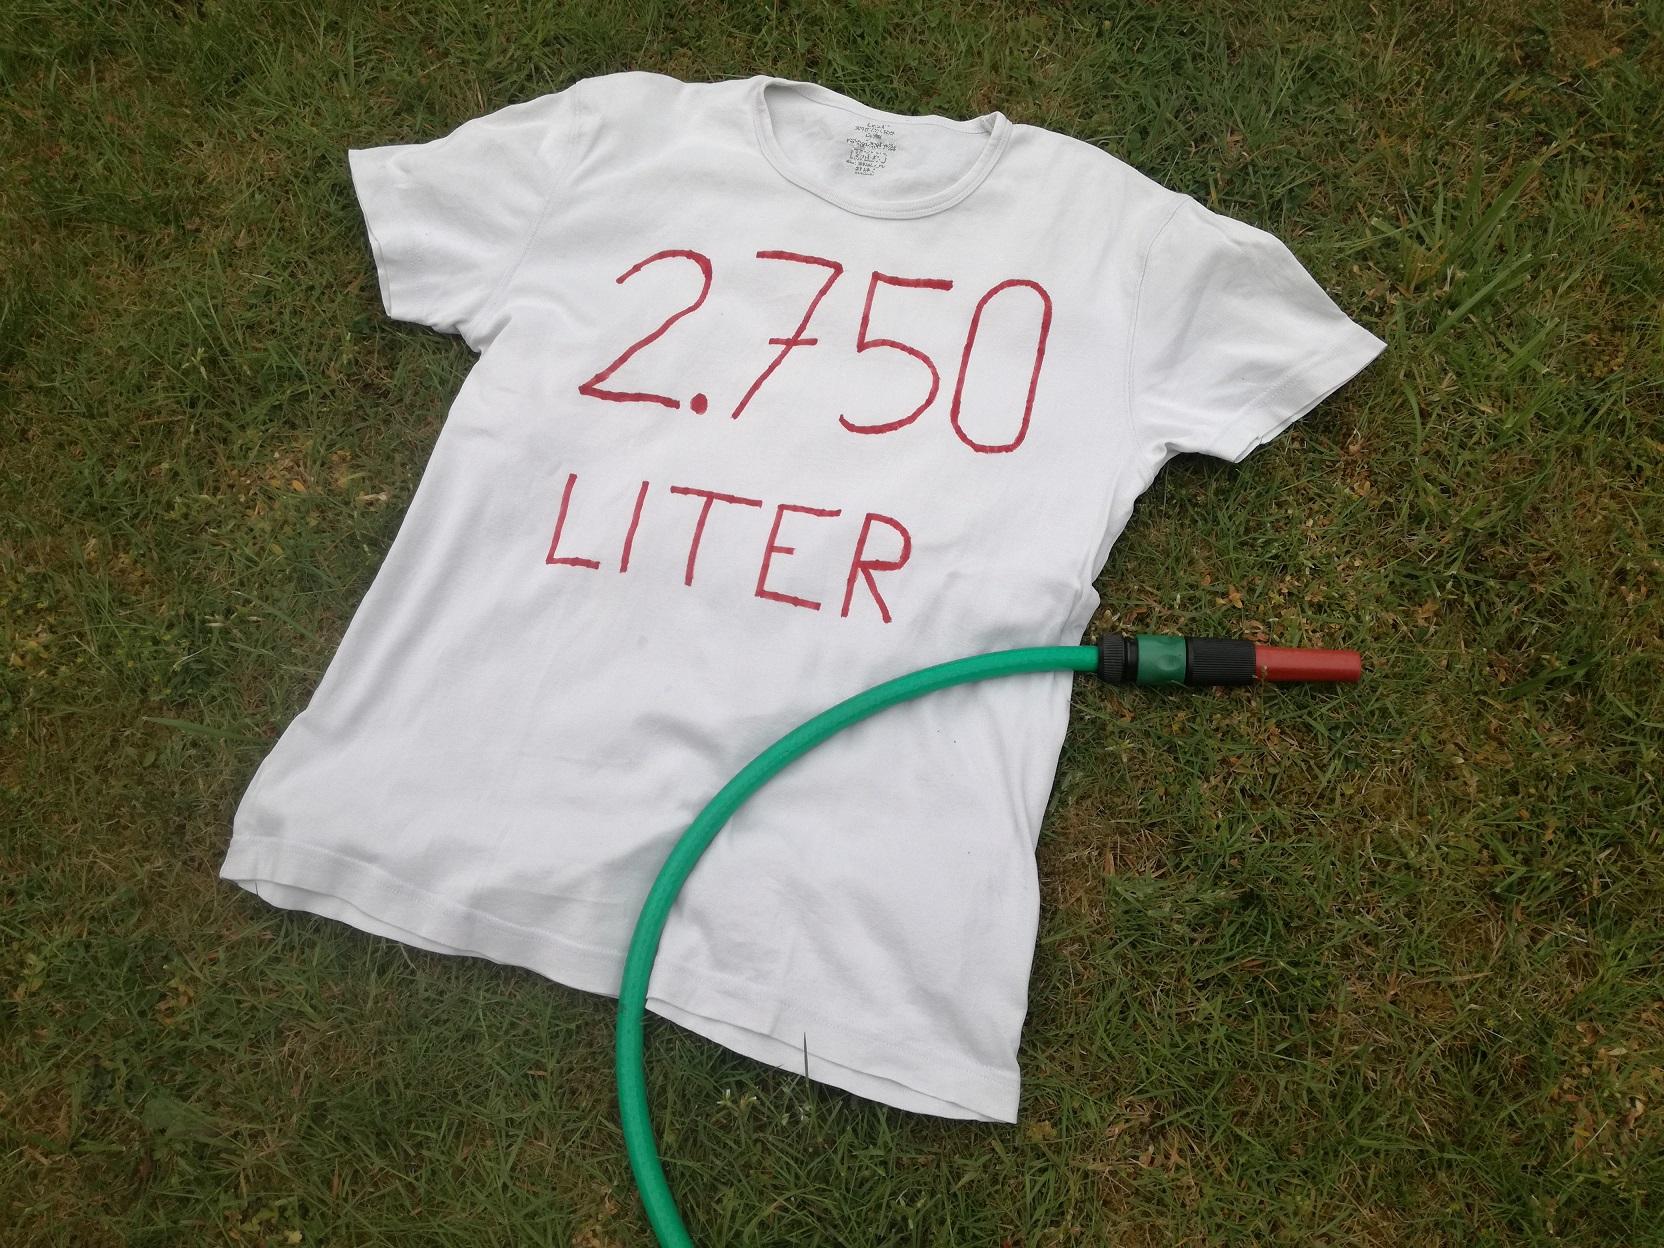 Weißes T-Shirt mit Aufdruck 2.750 Liter